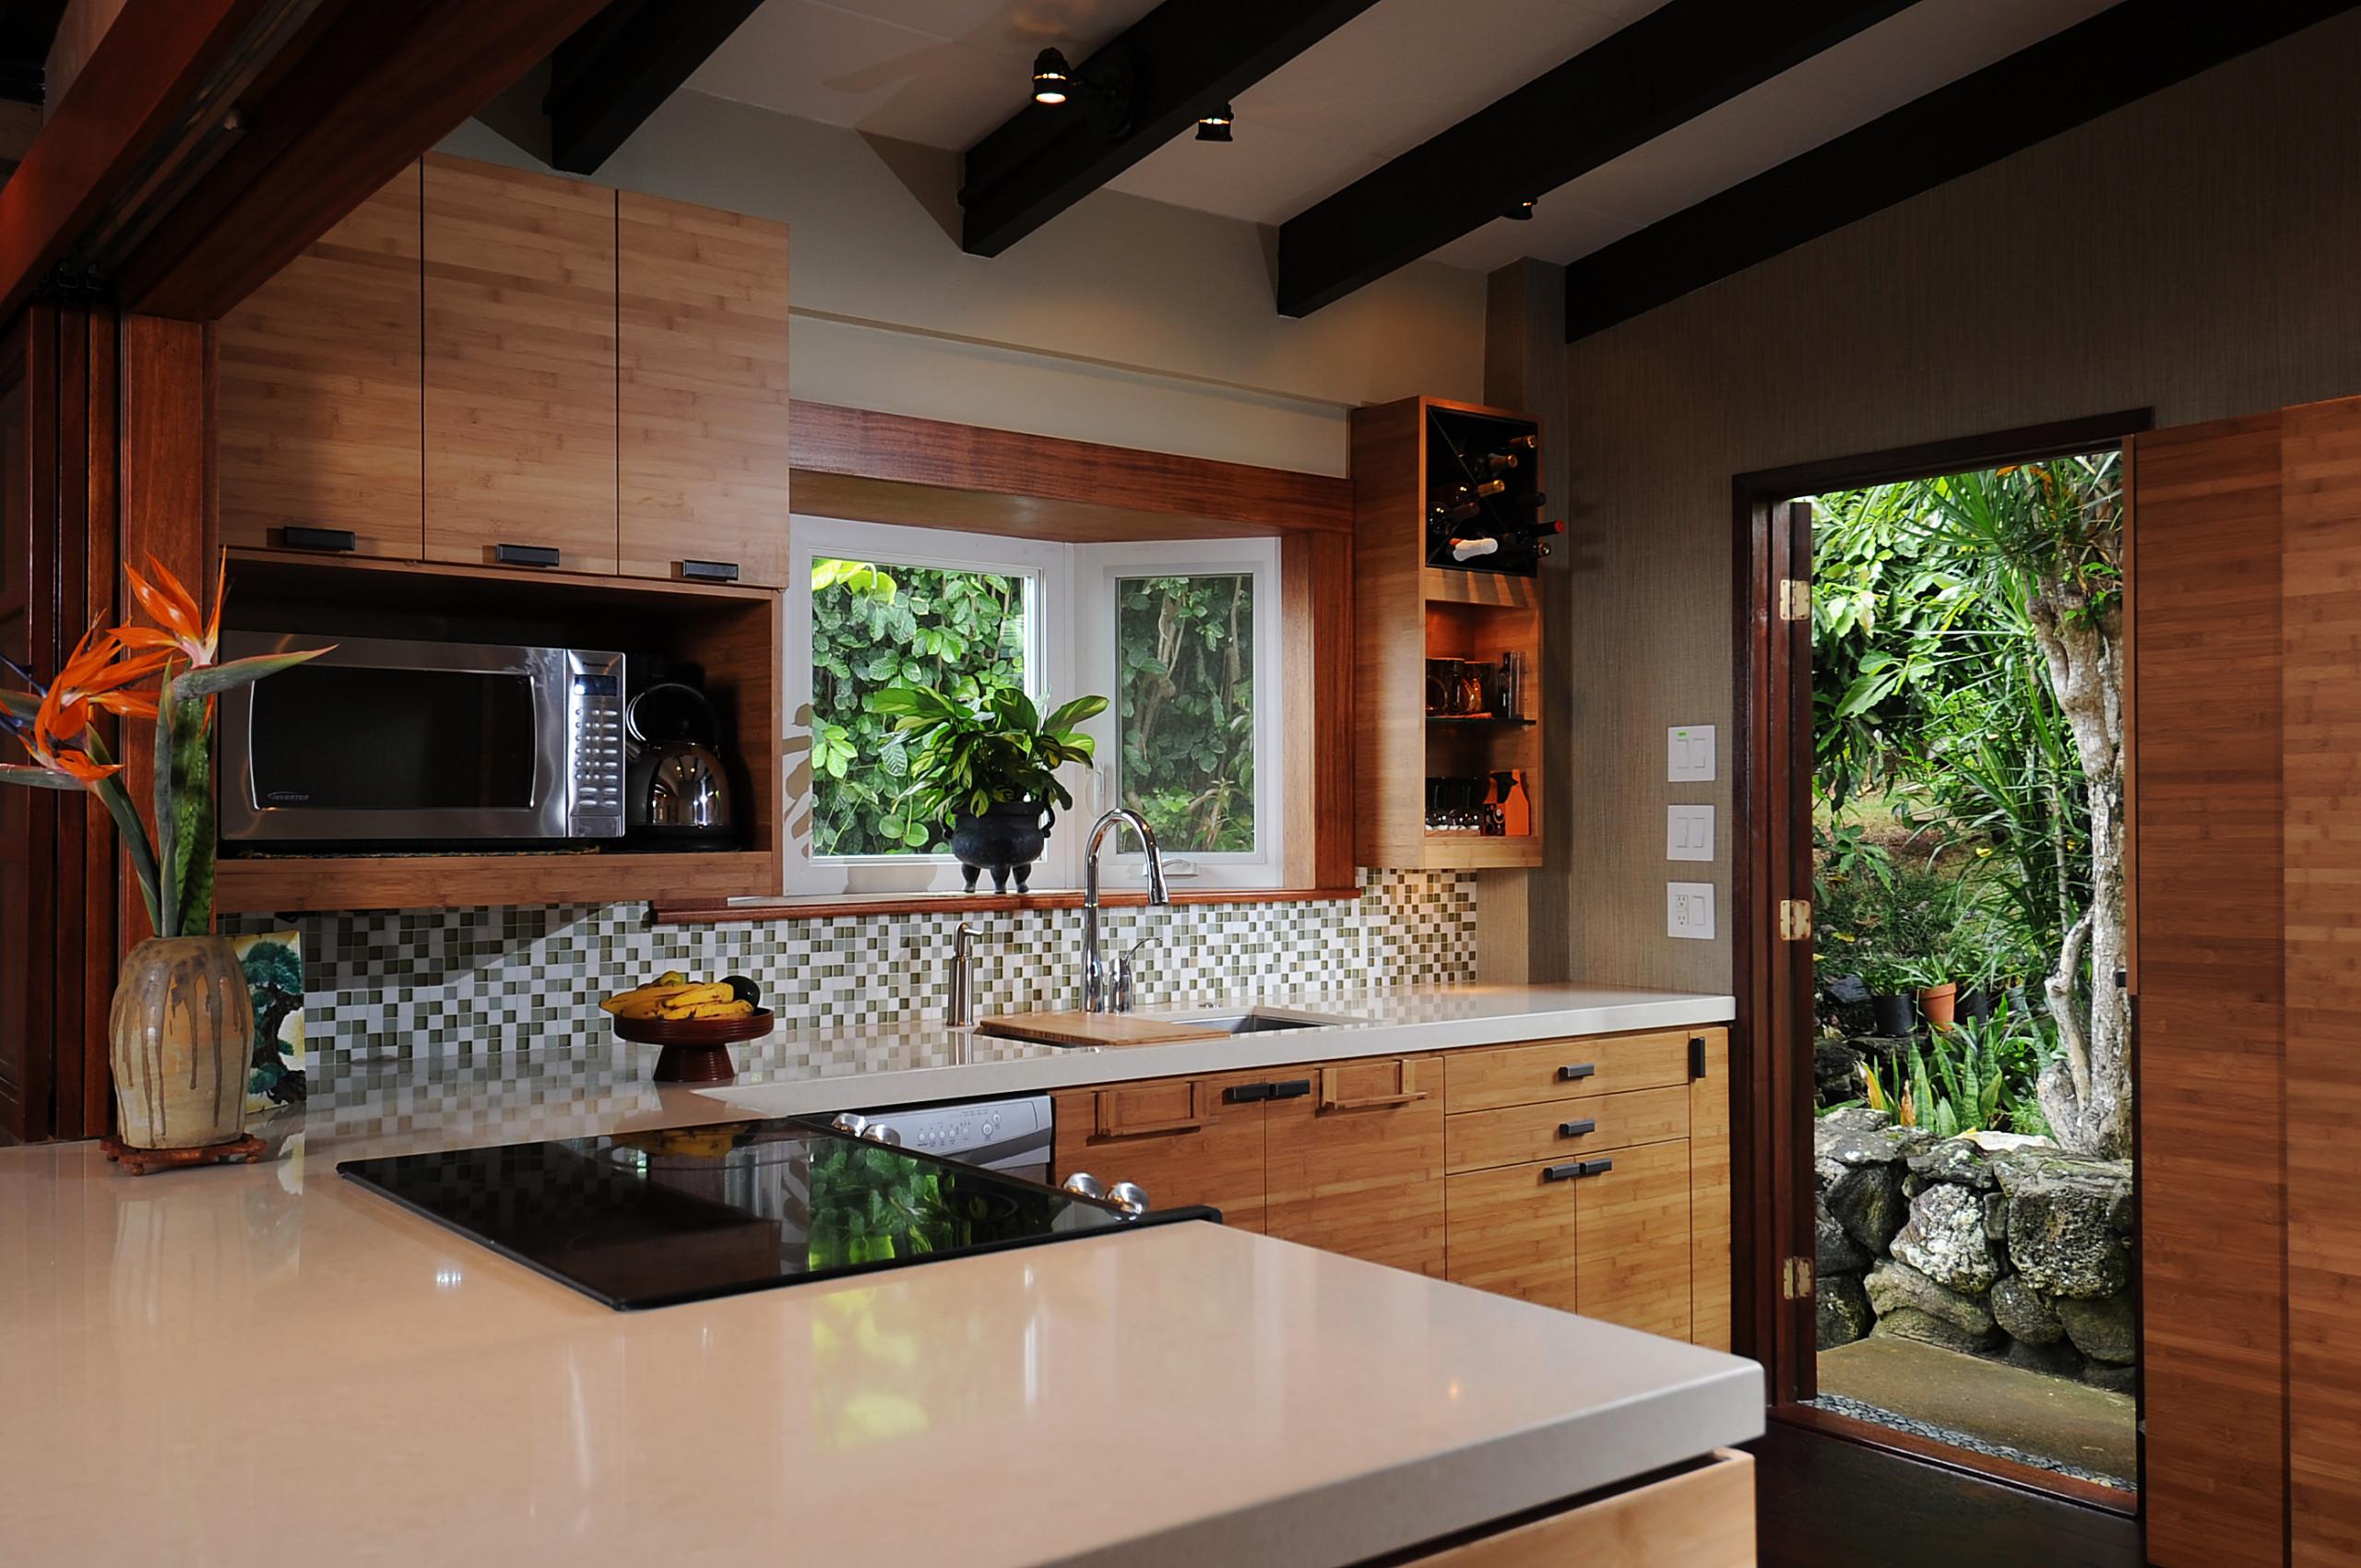 Zen Kitchen Ideas & Photos   Houzz